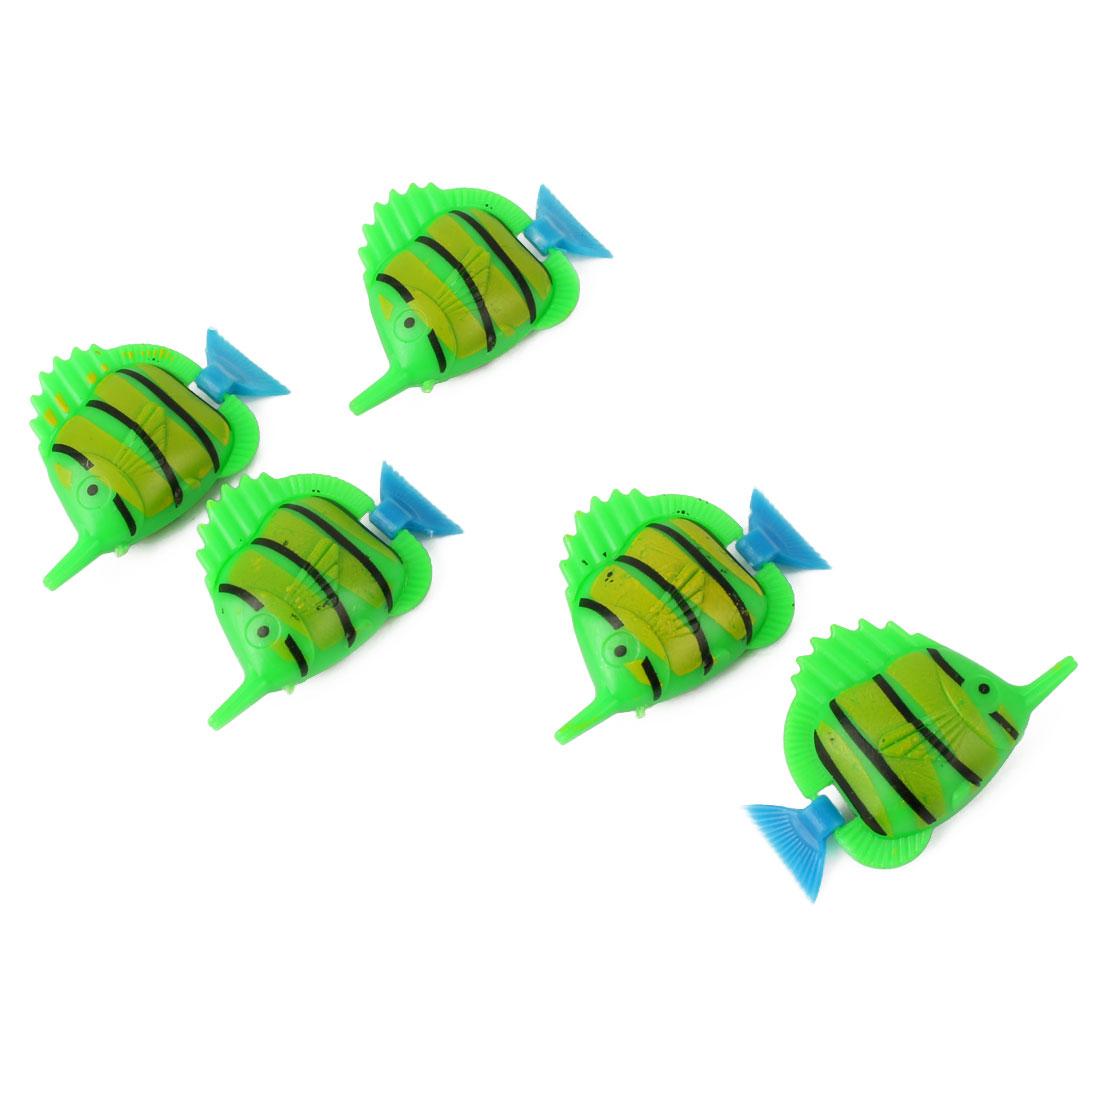 Aquarium Fishbowl Plastic Floating Aritificial Fish Ornament Underwater Decor 5pcs